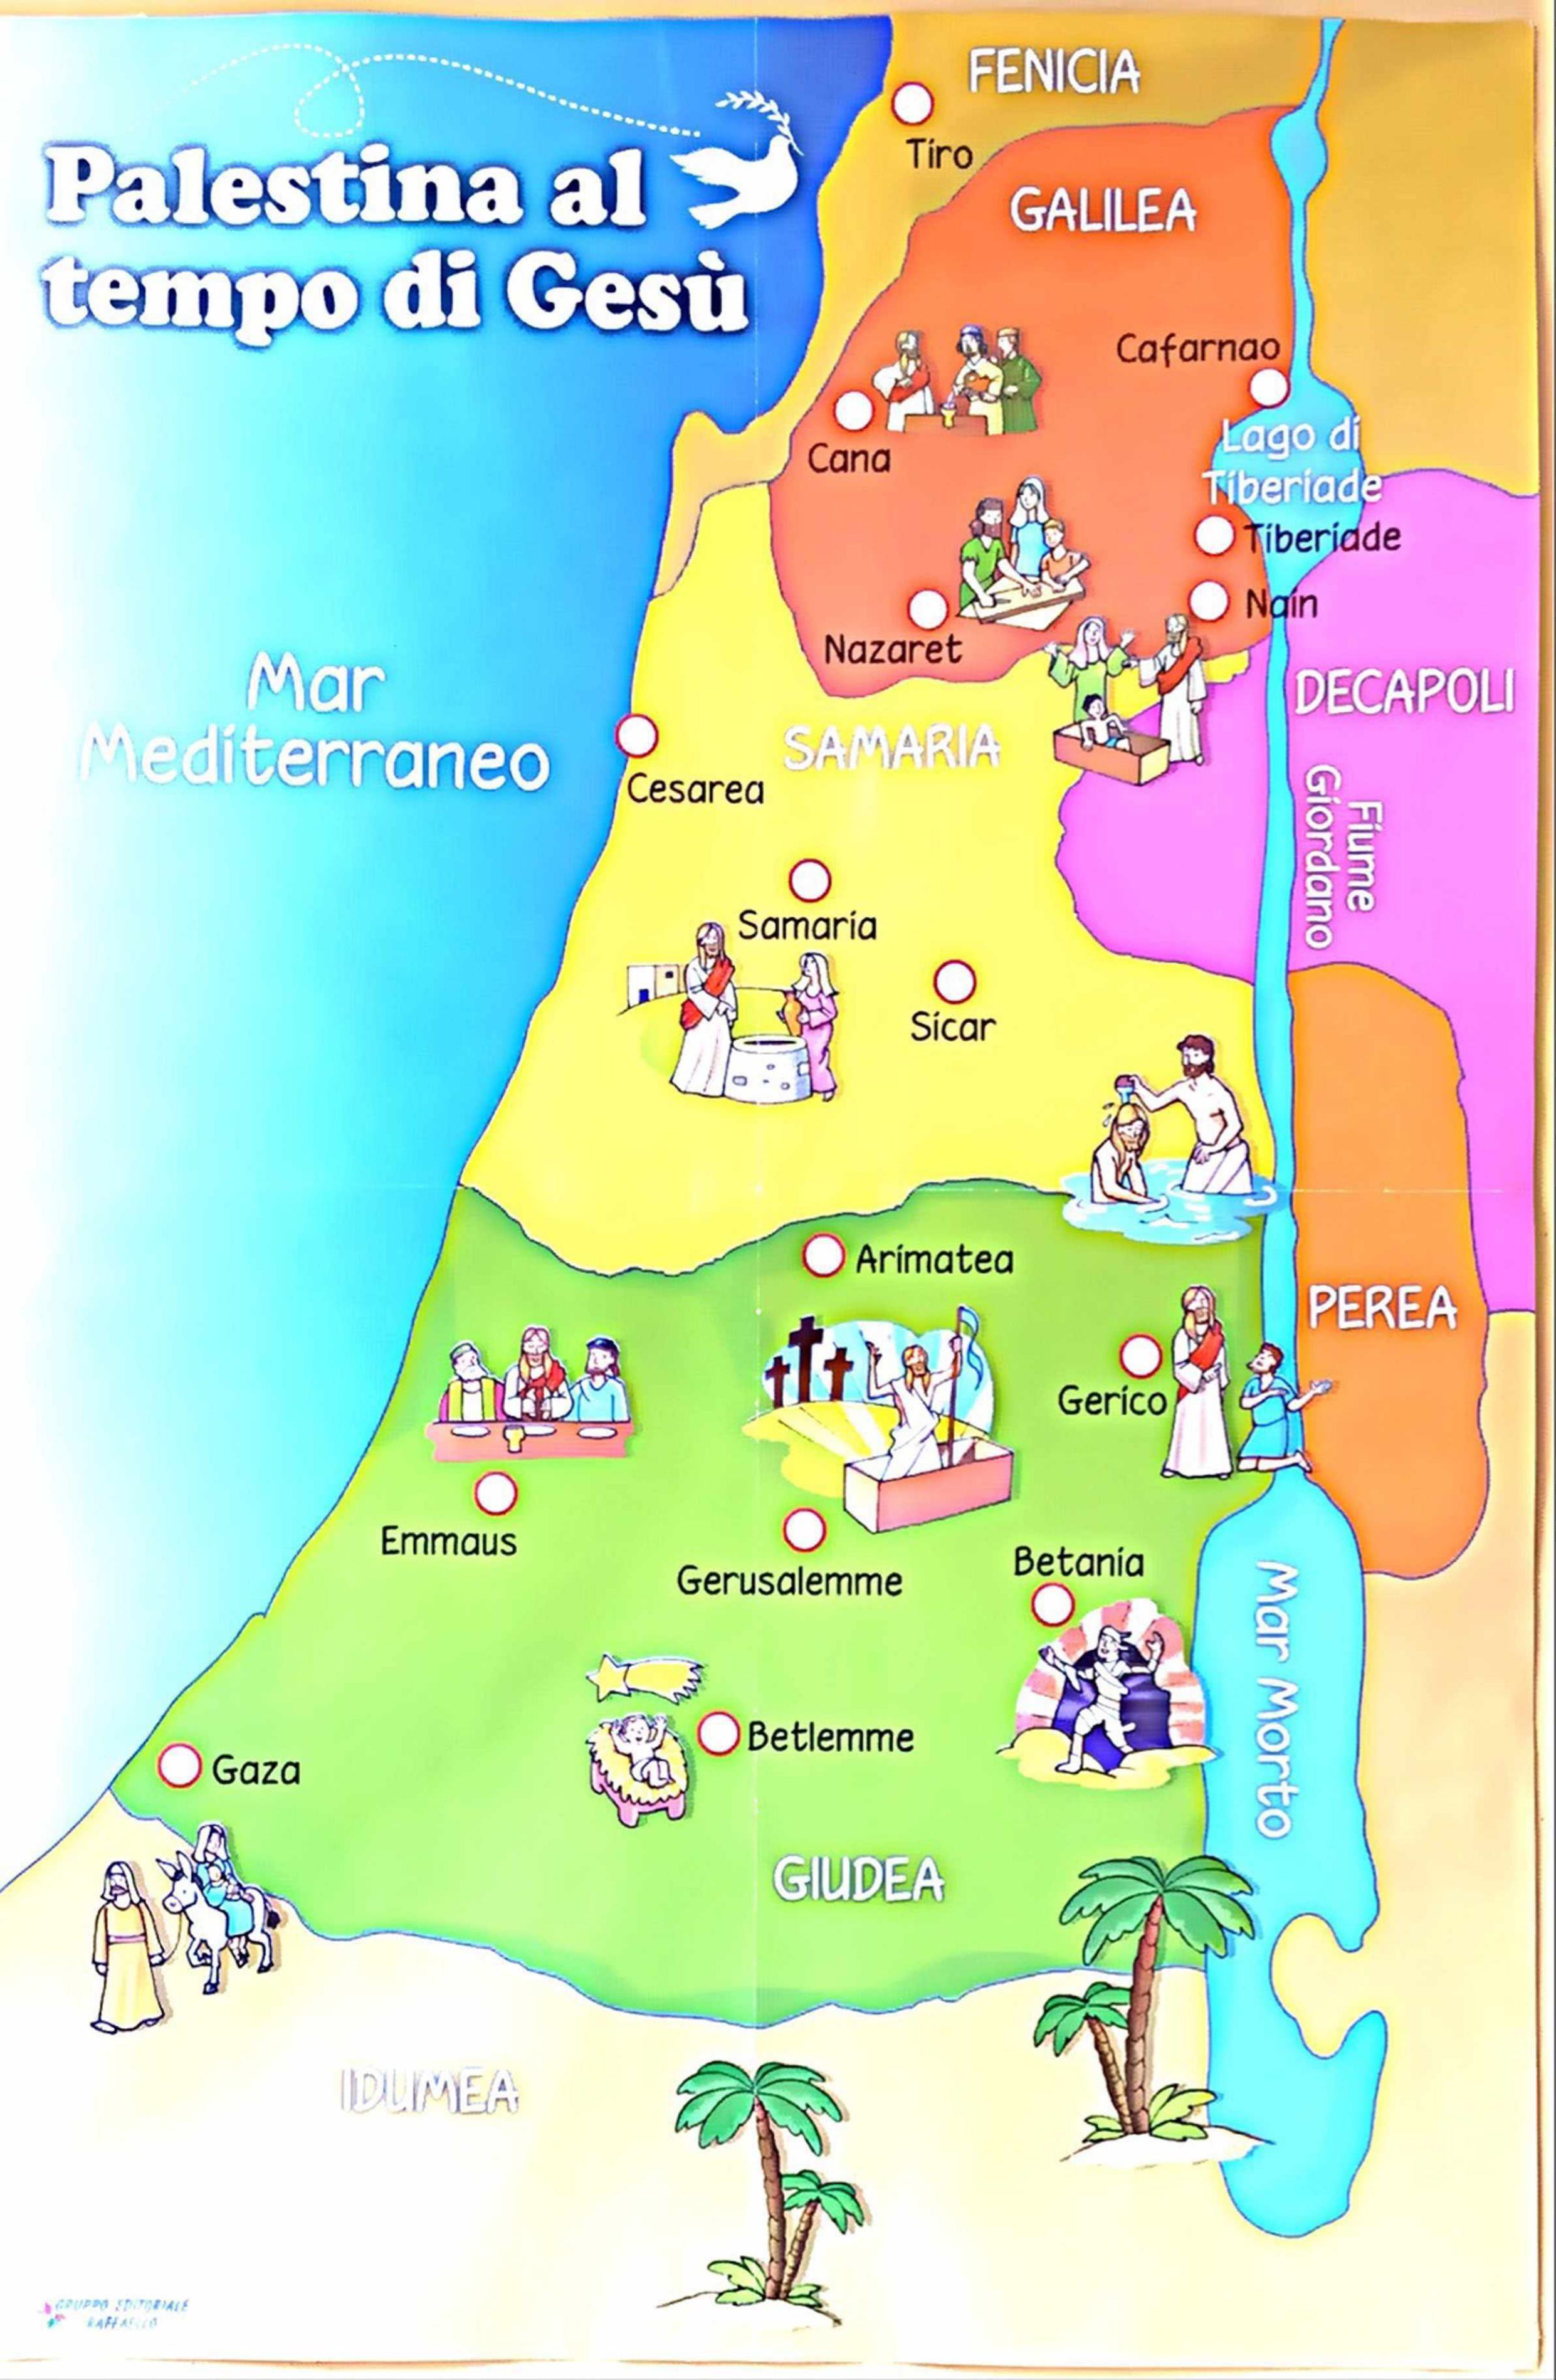 Palestina Oggi Cartina Geografica.Cartina Con La Vita Di Gesu Educazione Religiosa Le Idee Della Scuola Scuola Domenicale